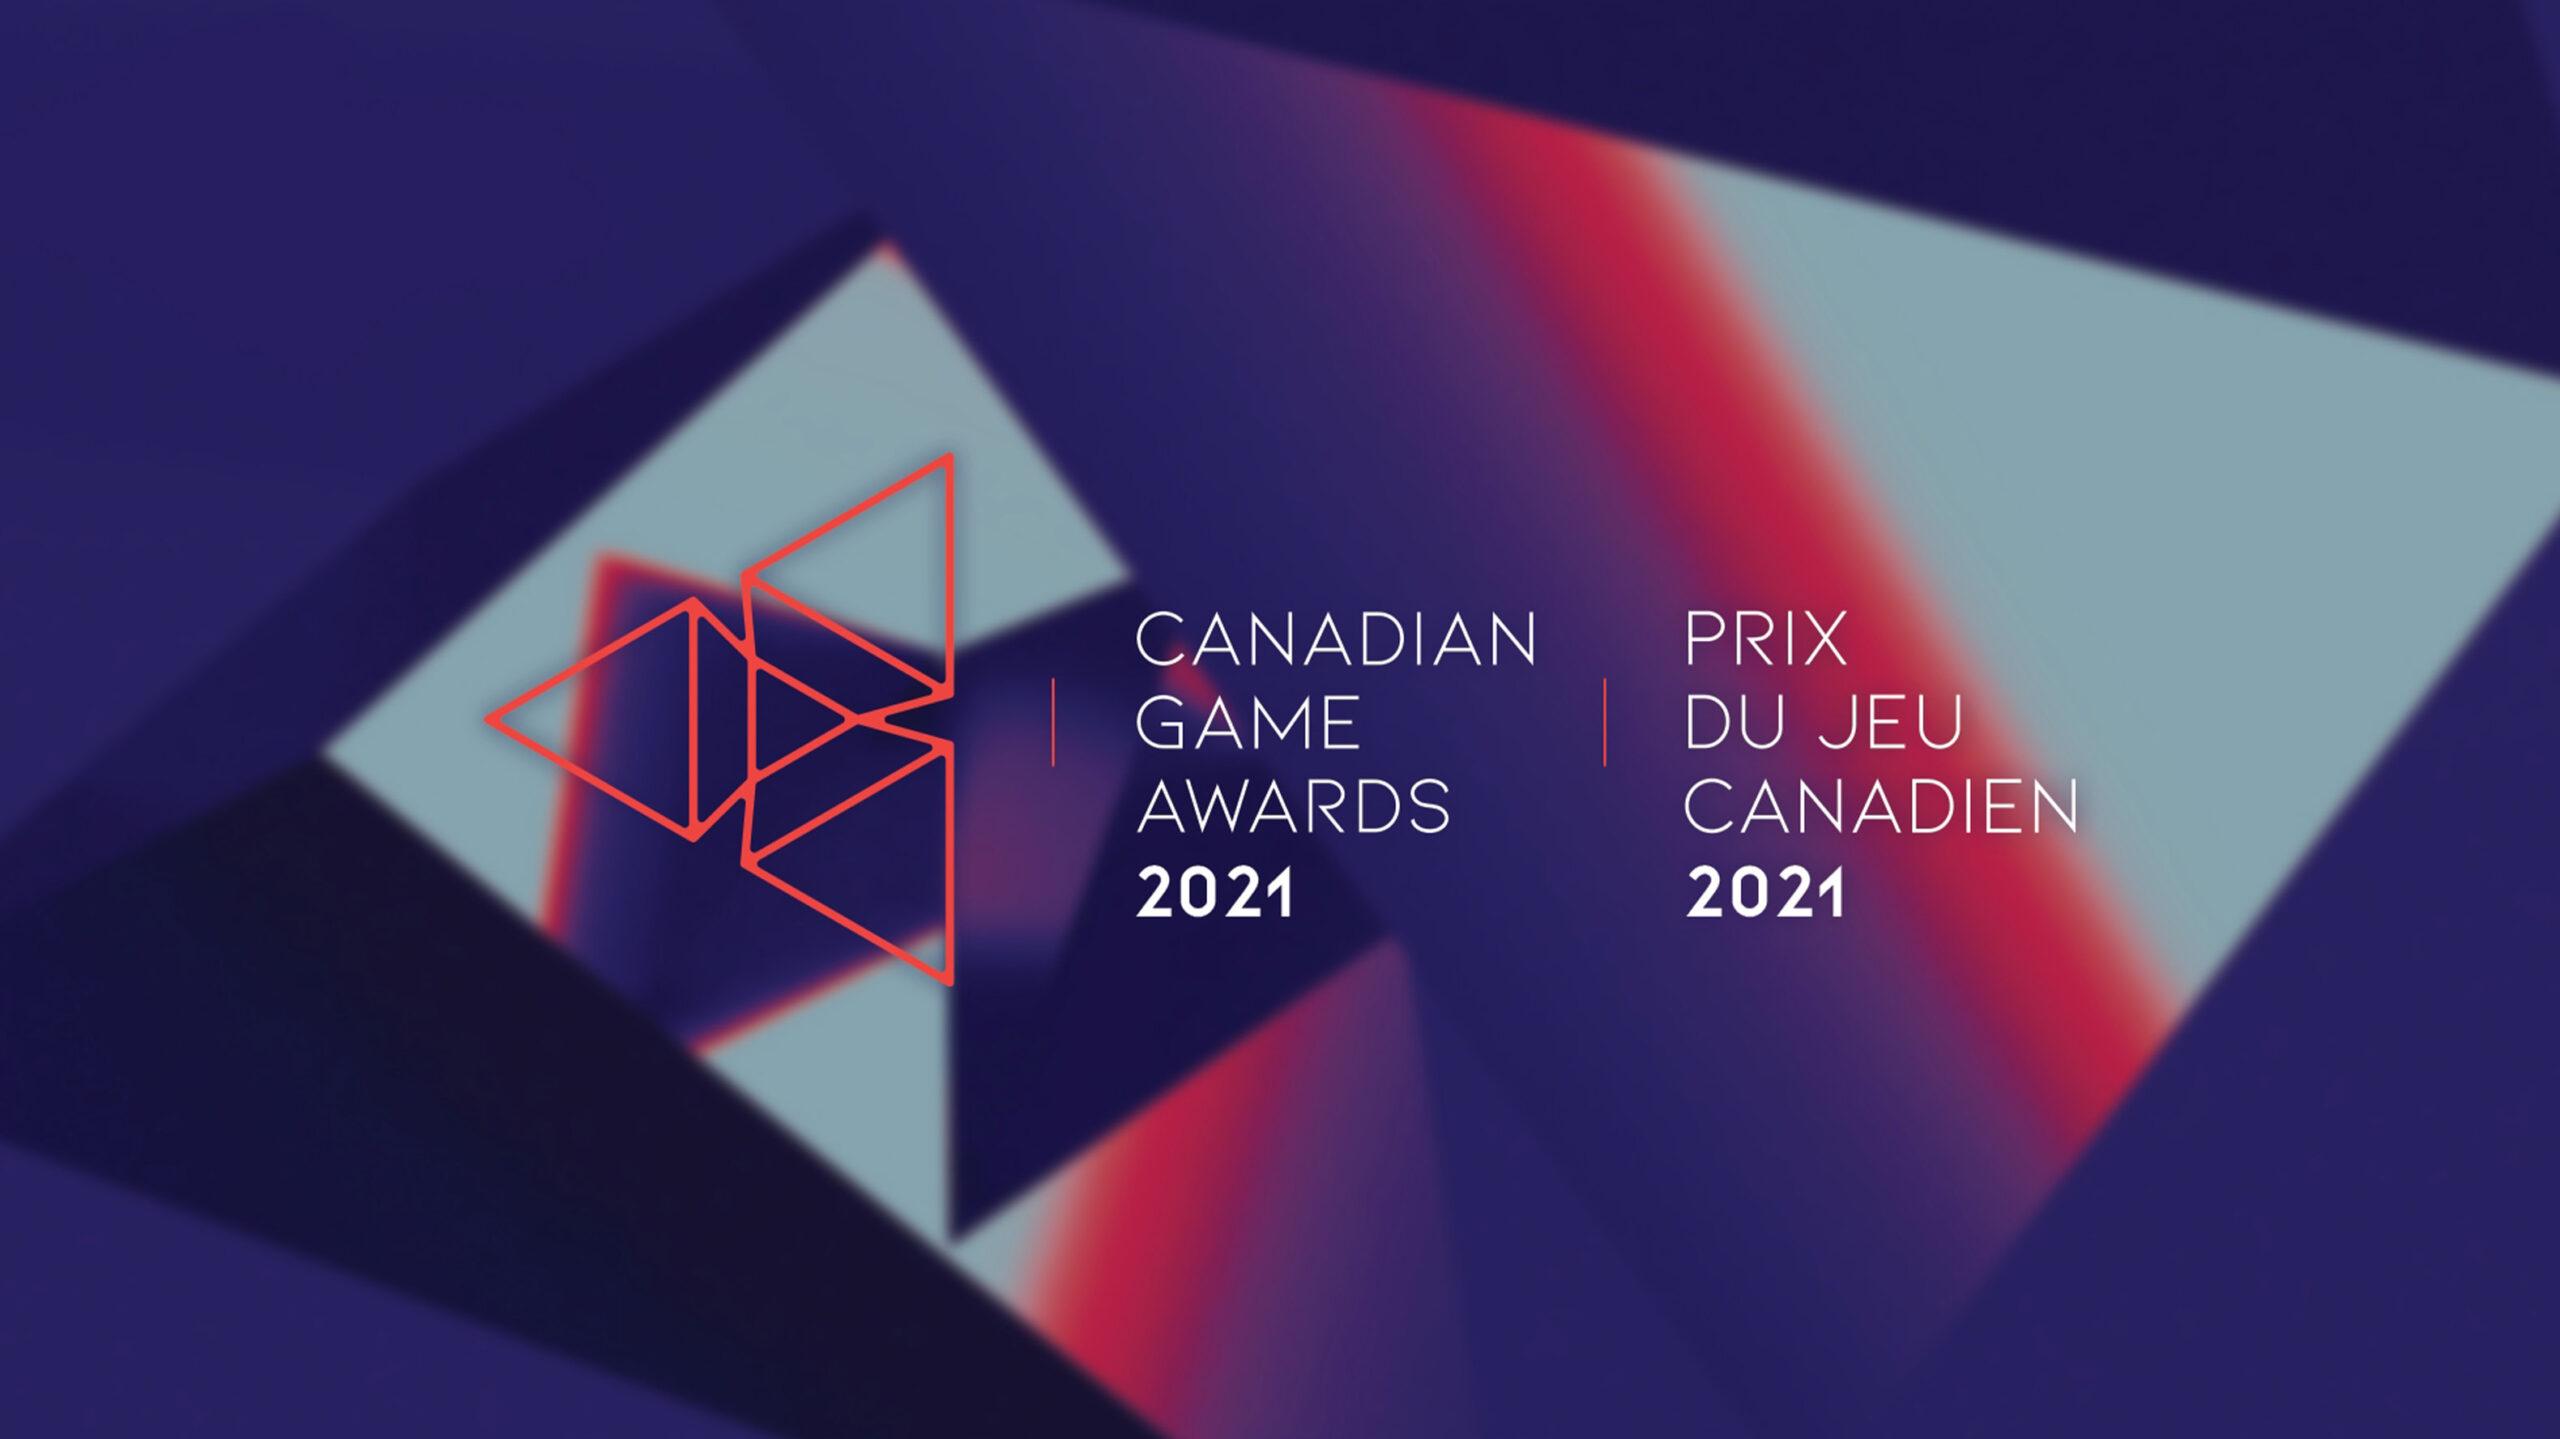 Canadian Game Awards 2021